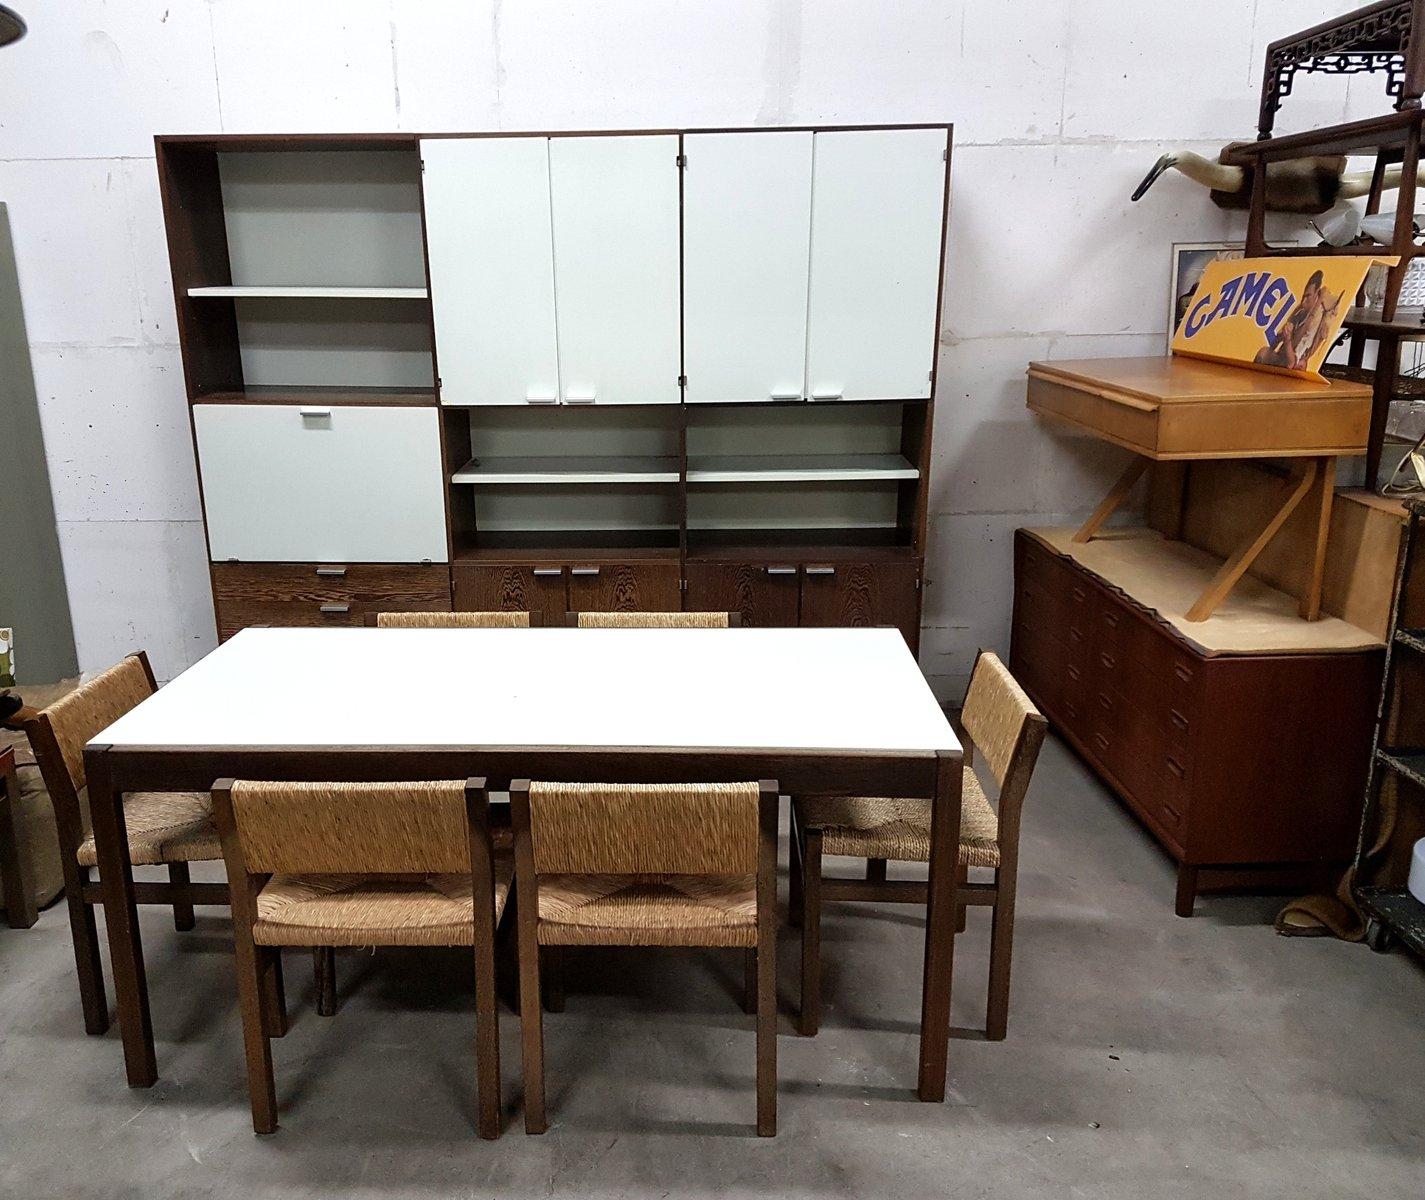 Vintage Esstisch von Cees Braakman für Pastoe mit 7 Stühlen von Martin...